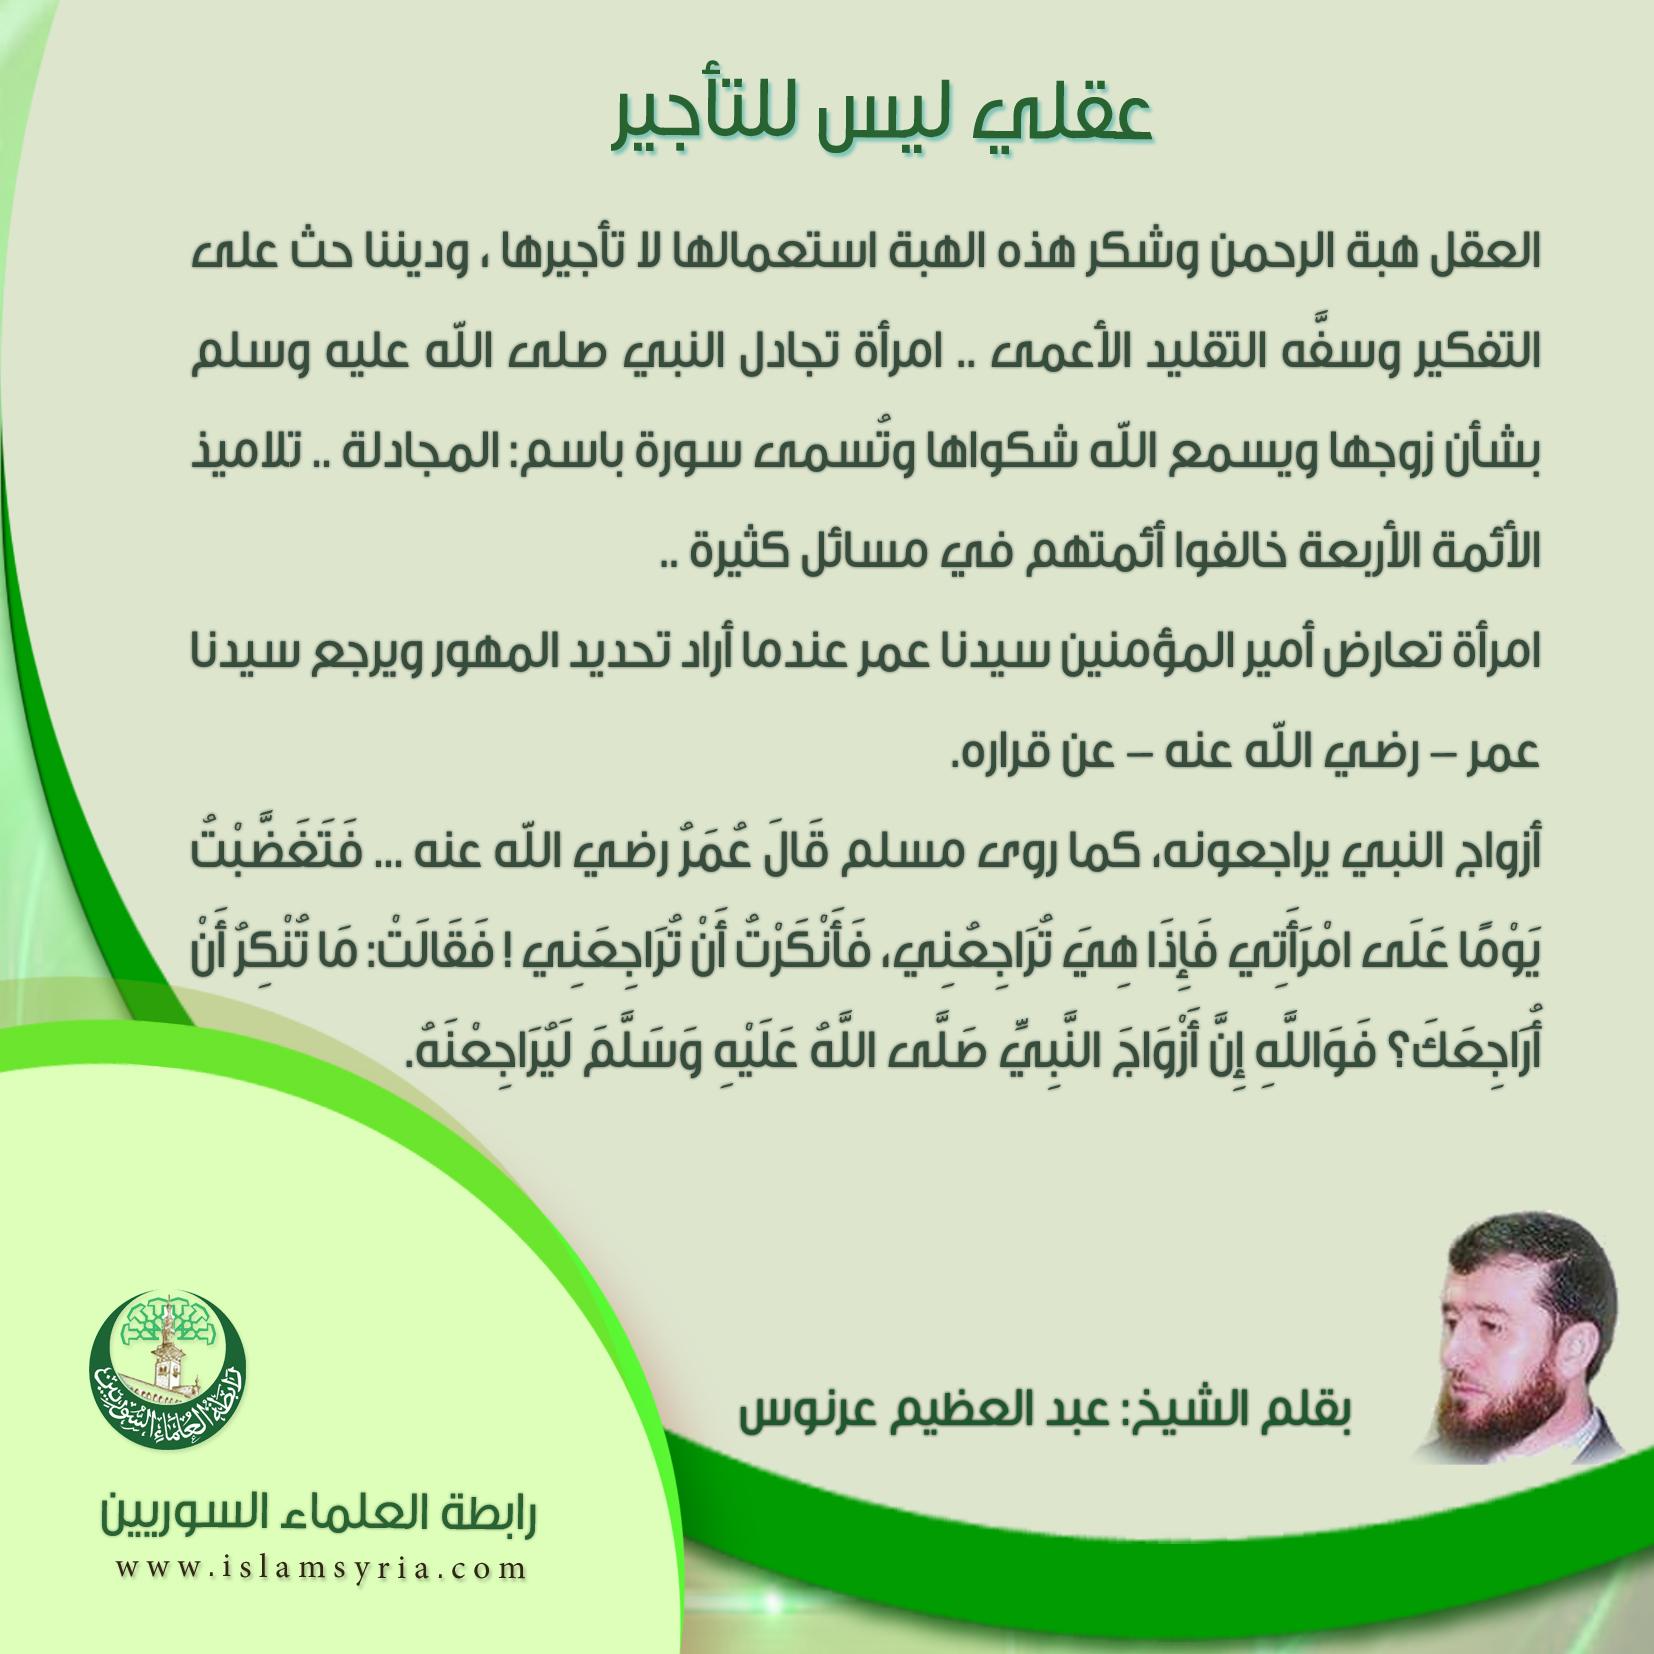 عقلي ليس للتأجير||الشيخ عبد العظيم عرنوس